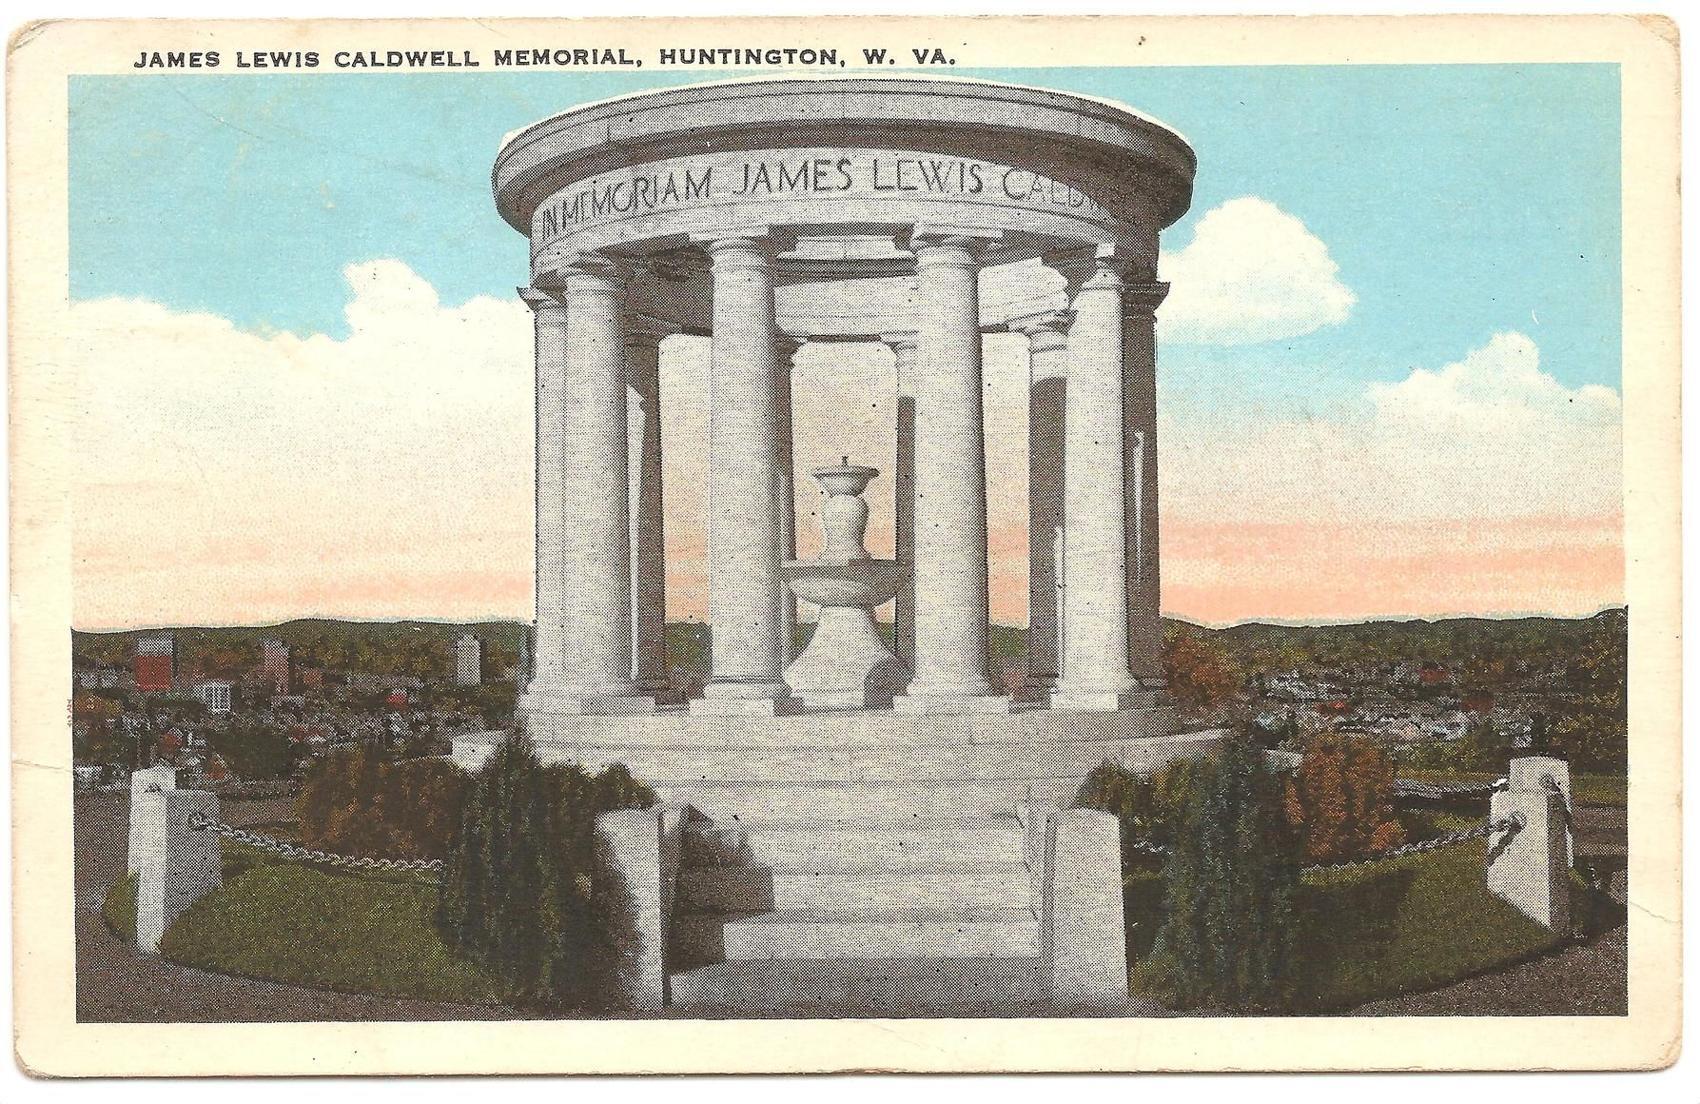 Postcard of the memorial